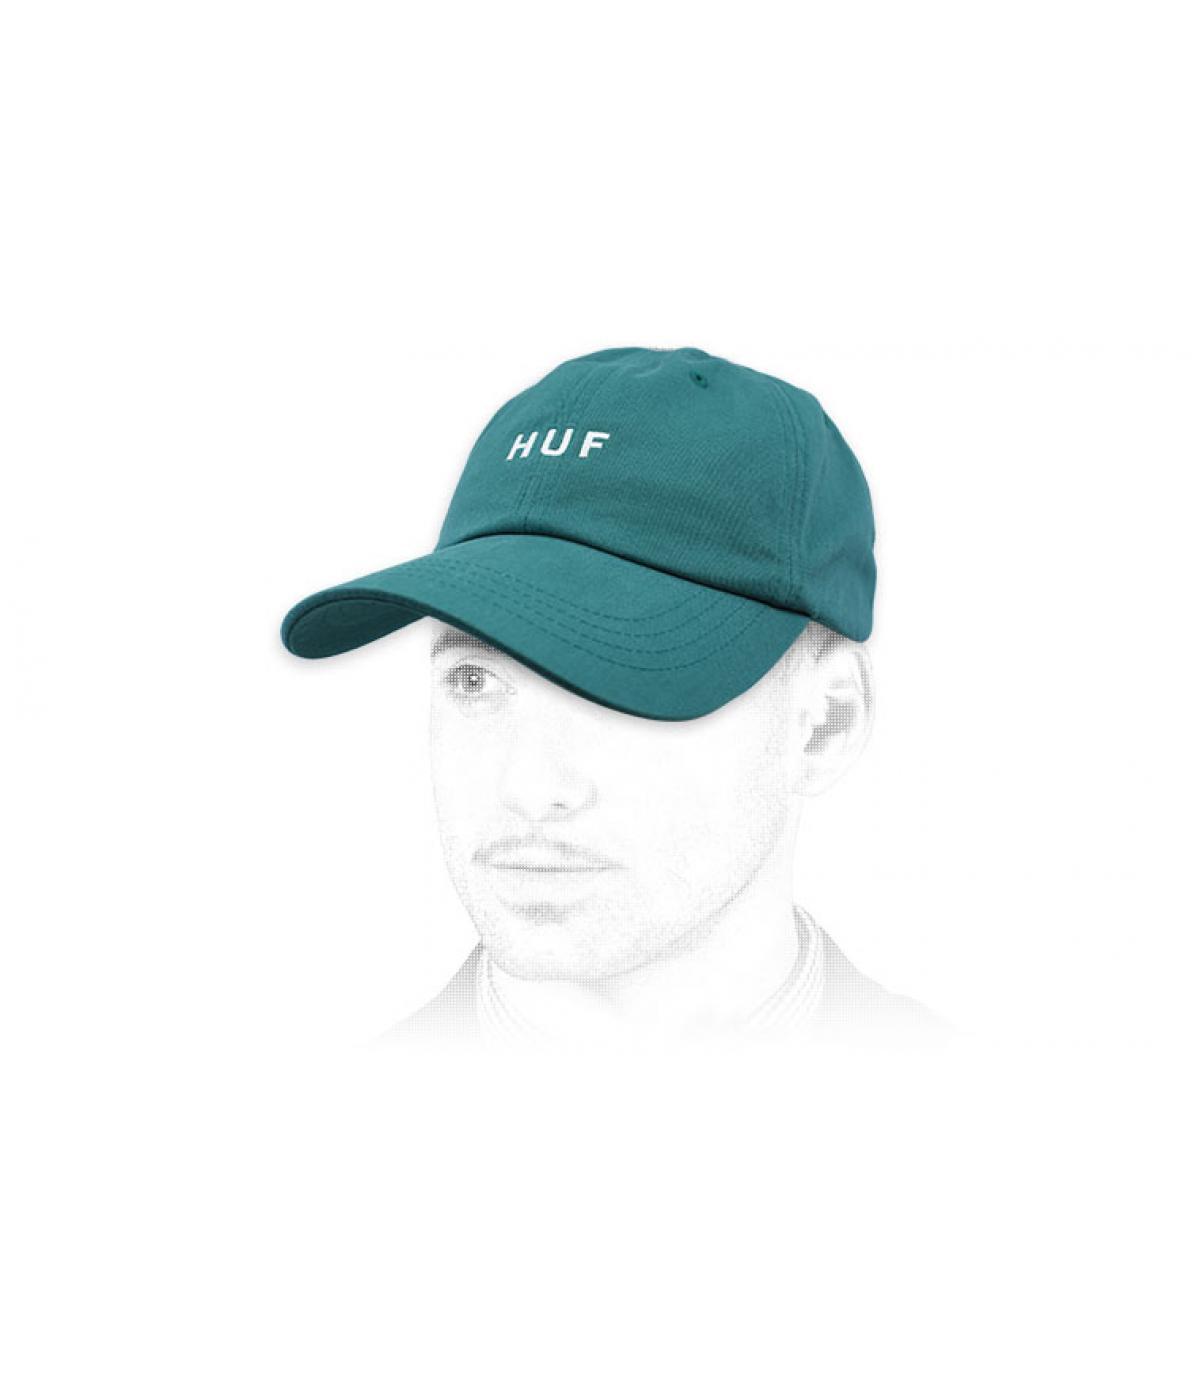 Cap Huf blau